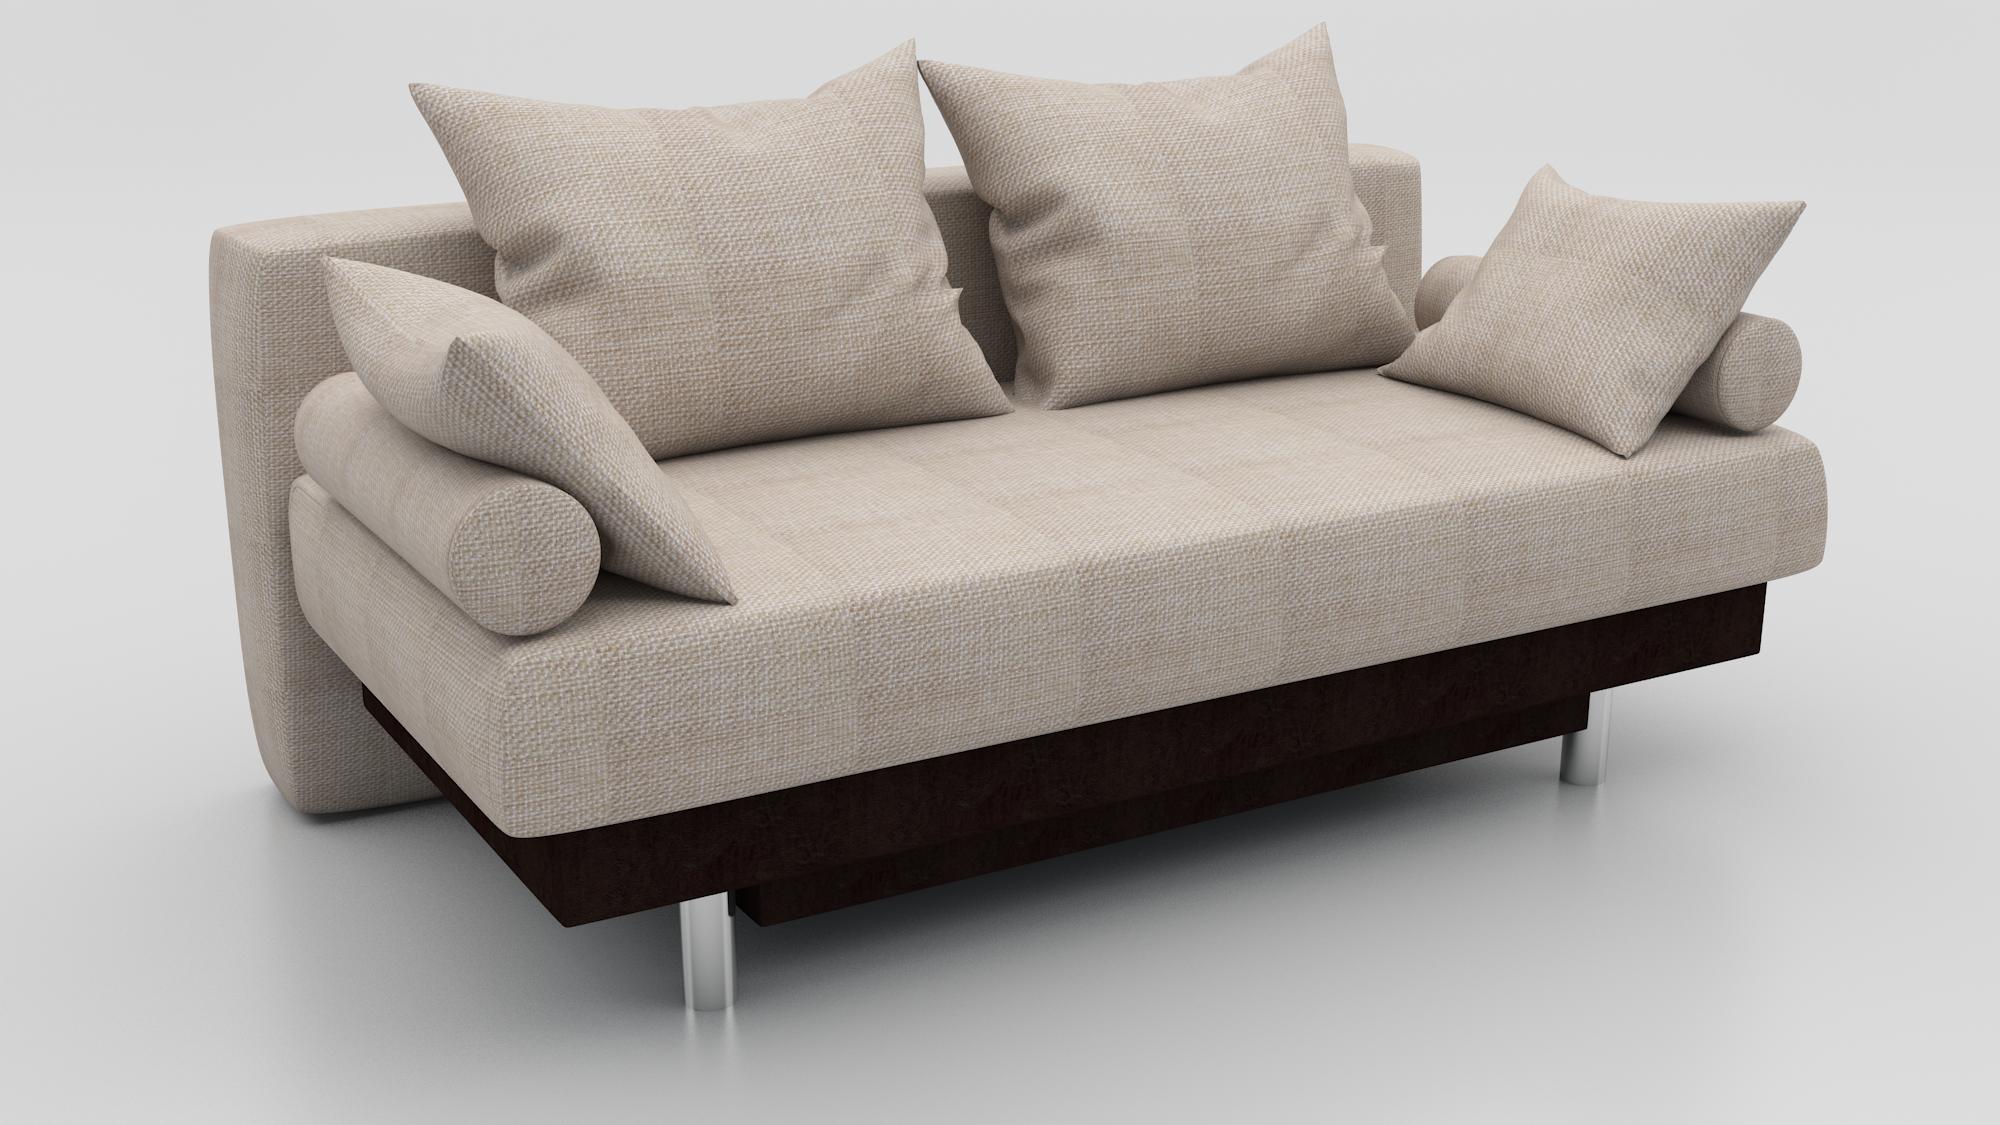 Прямой диван Парадиз еврокнижка рогожка бежевая + экокожа венге